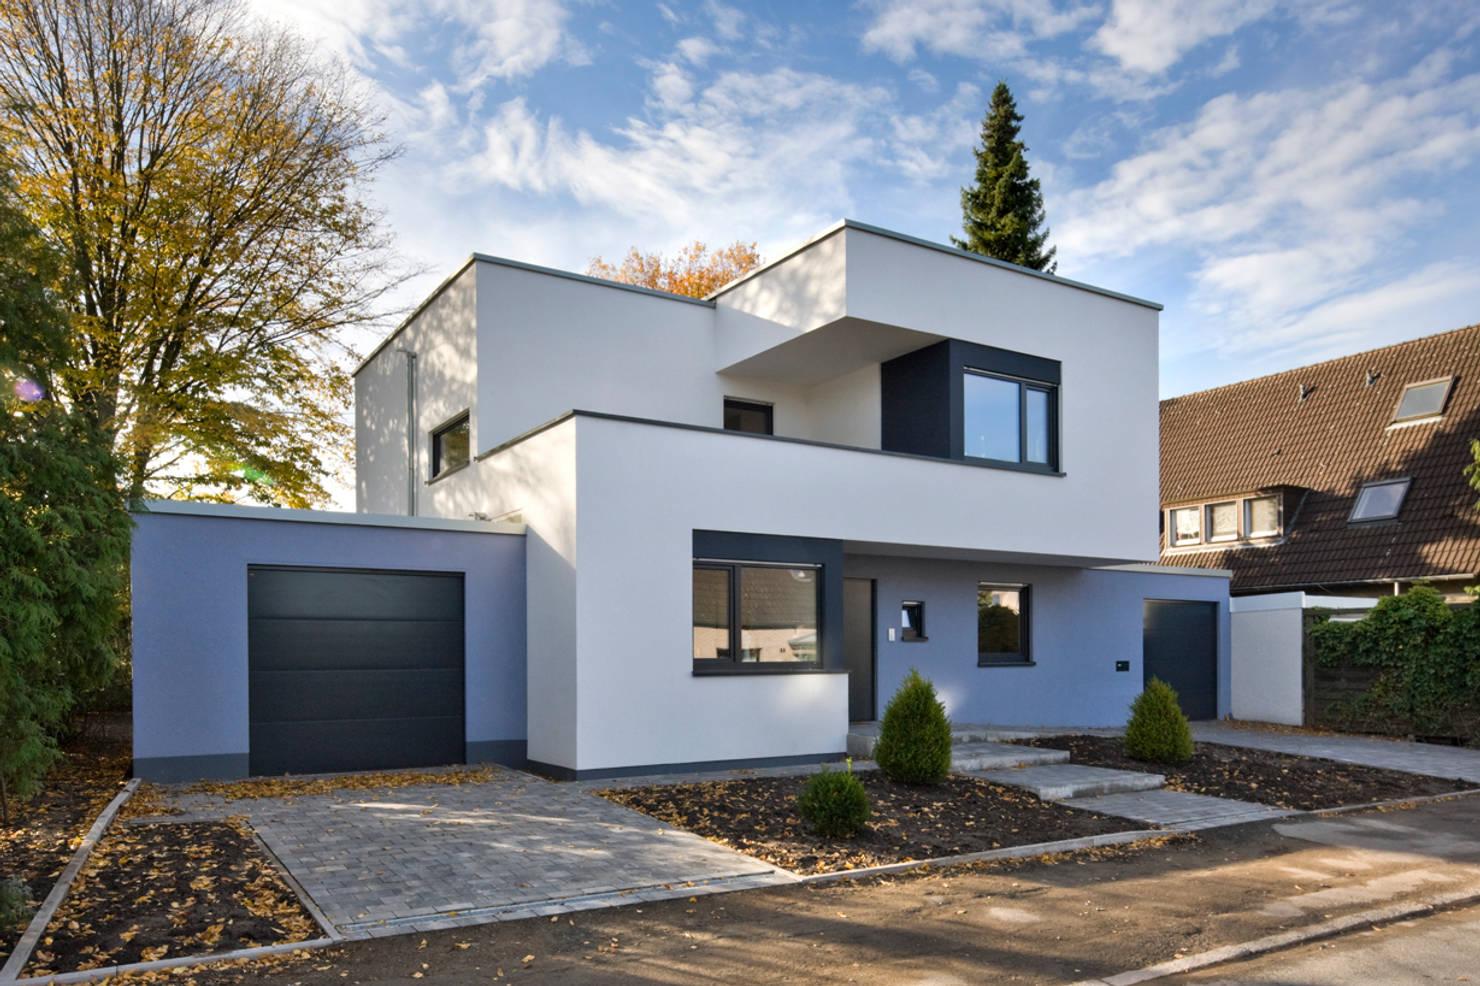 Top 5: Umwerfendes Haus in Rekordzeit von 5 Monaten und mehr